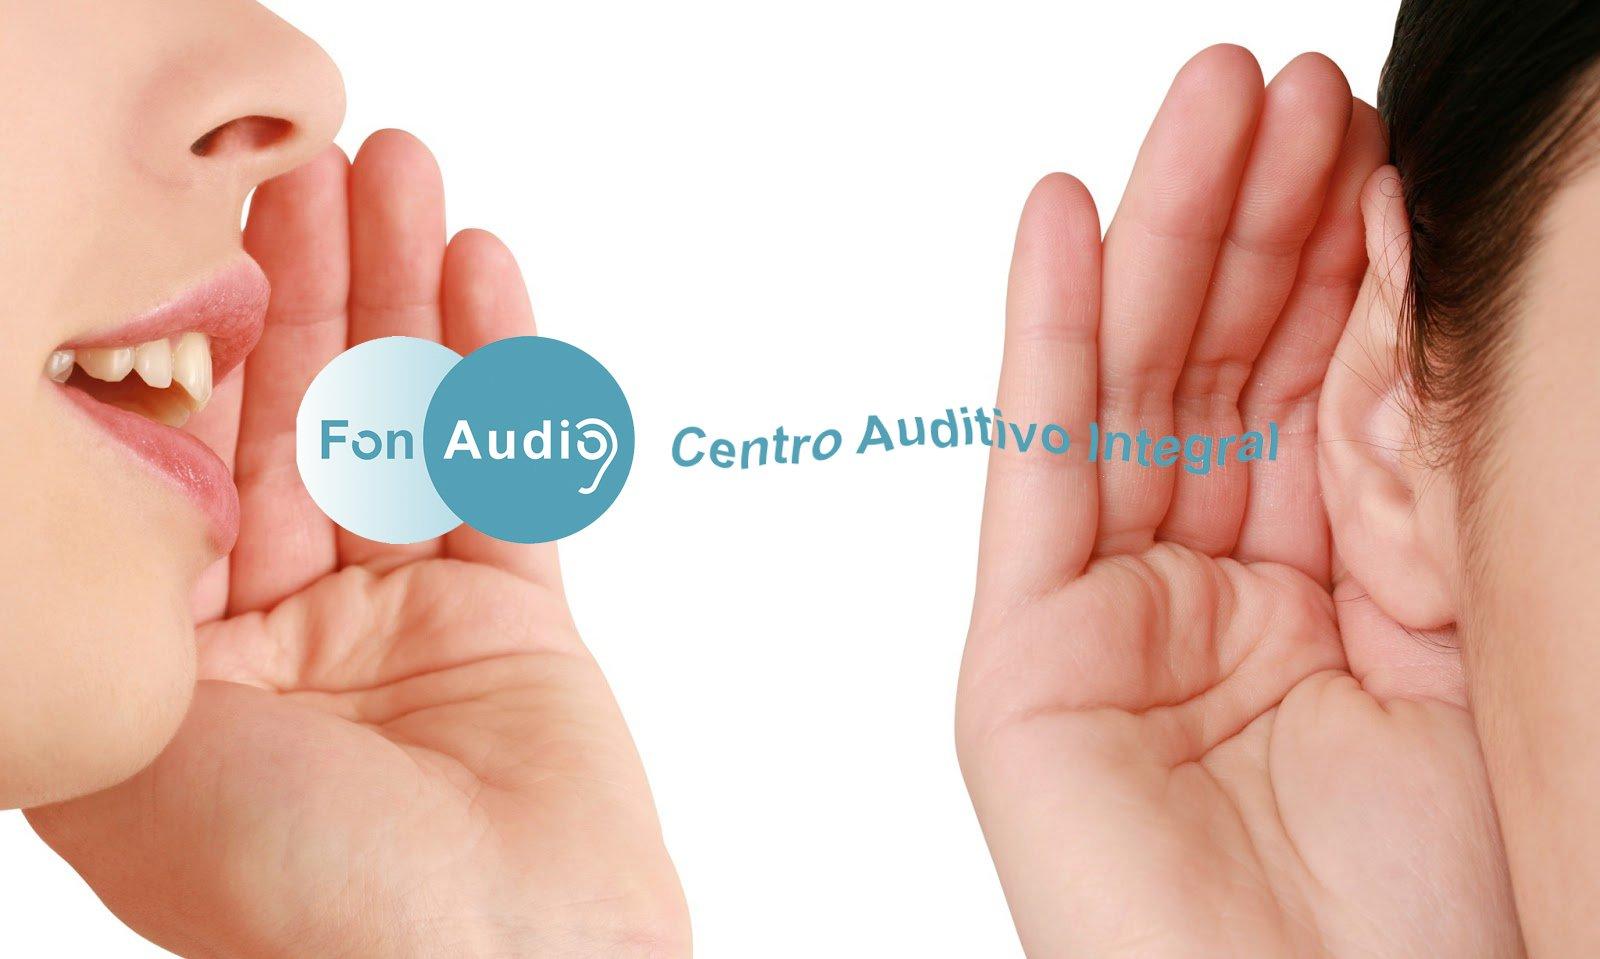 fonaudio-audifonos